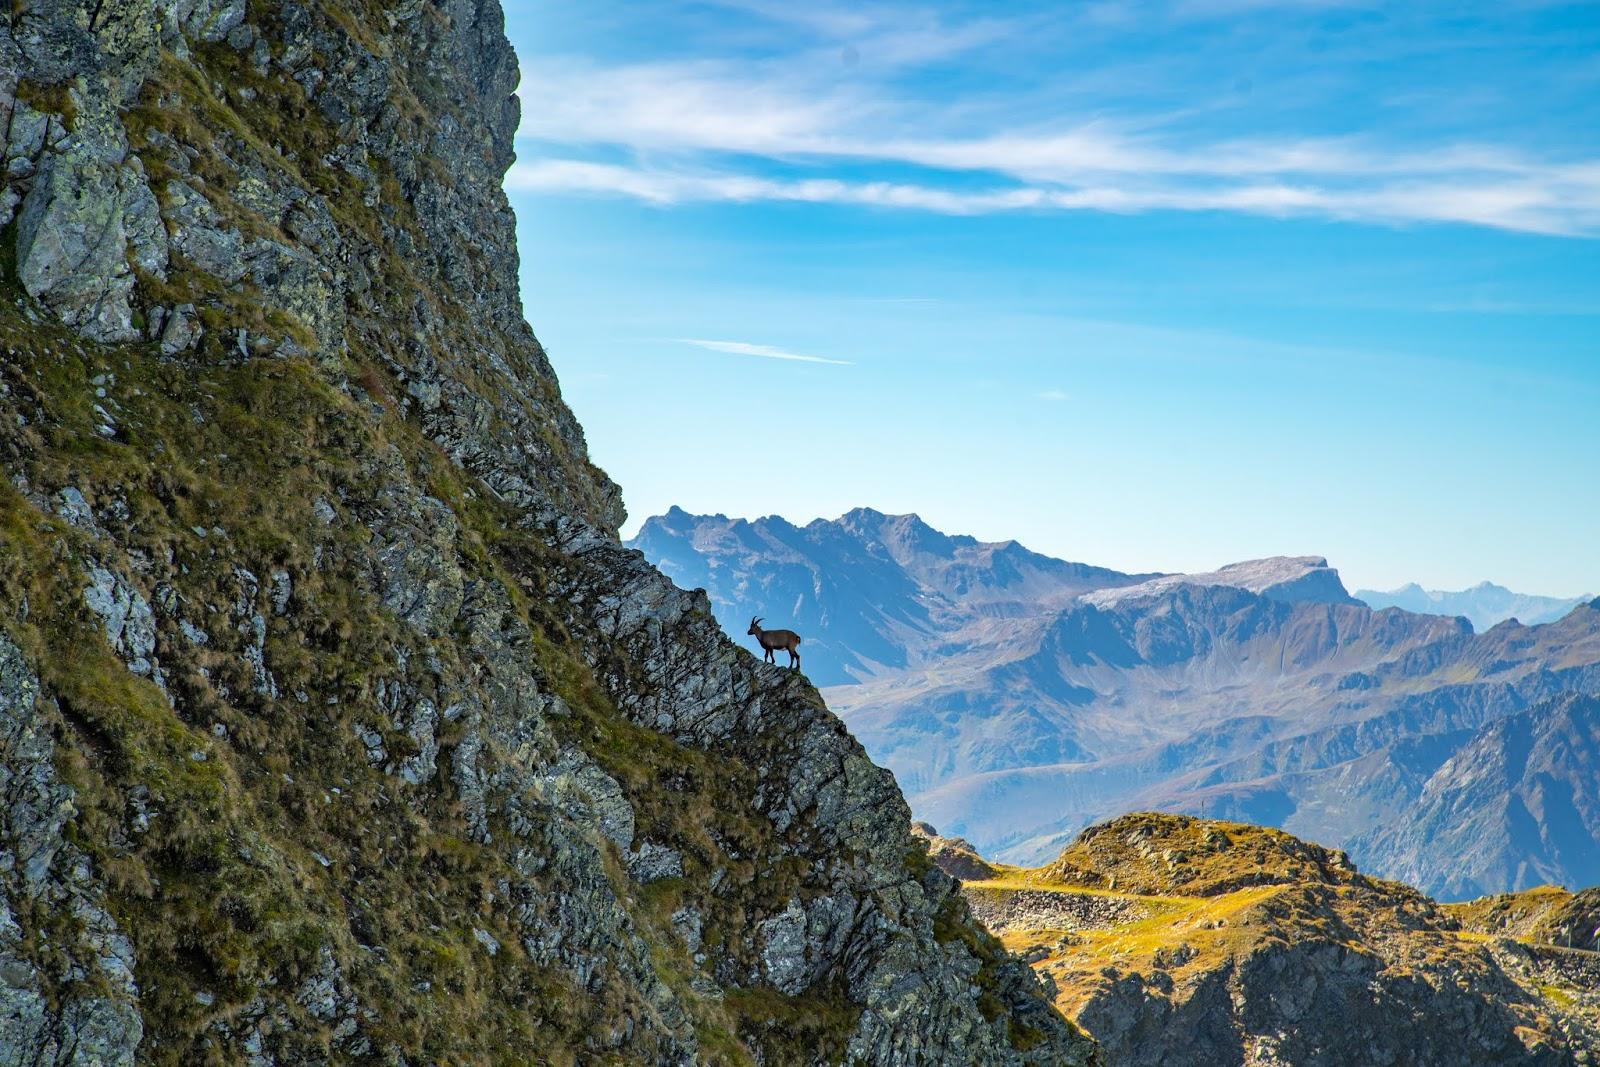 Klettersteig Montafon : Seetalwanderung und klettersteig hochjoch silvretta montafon